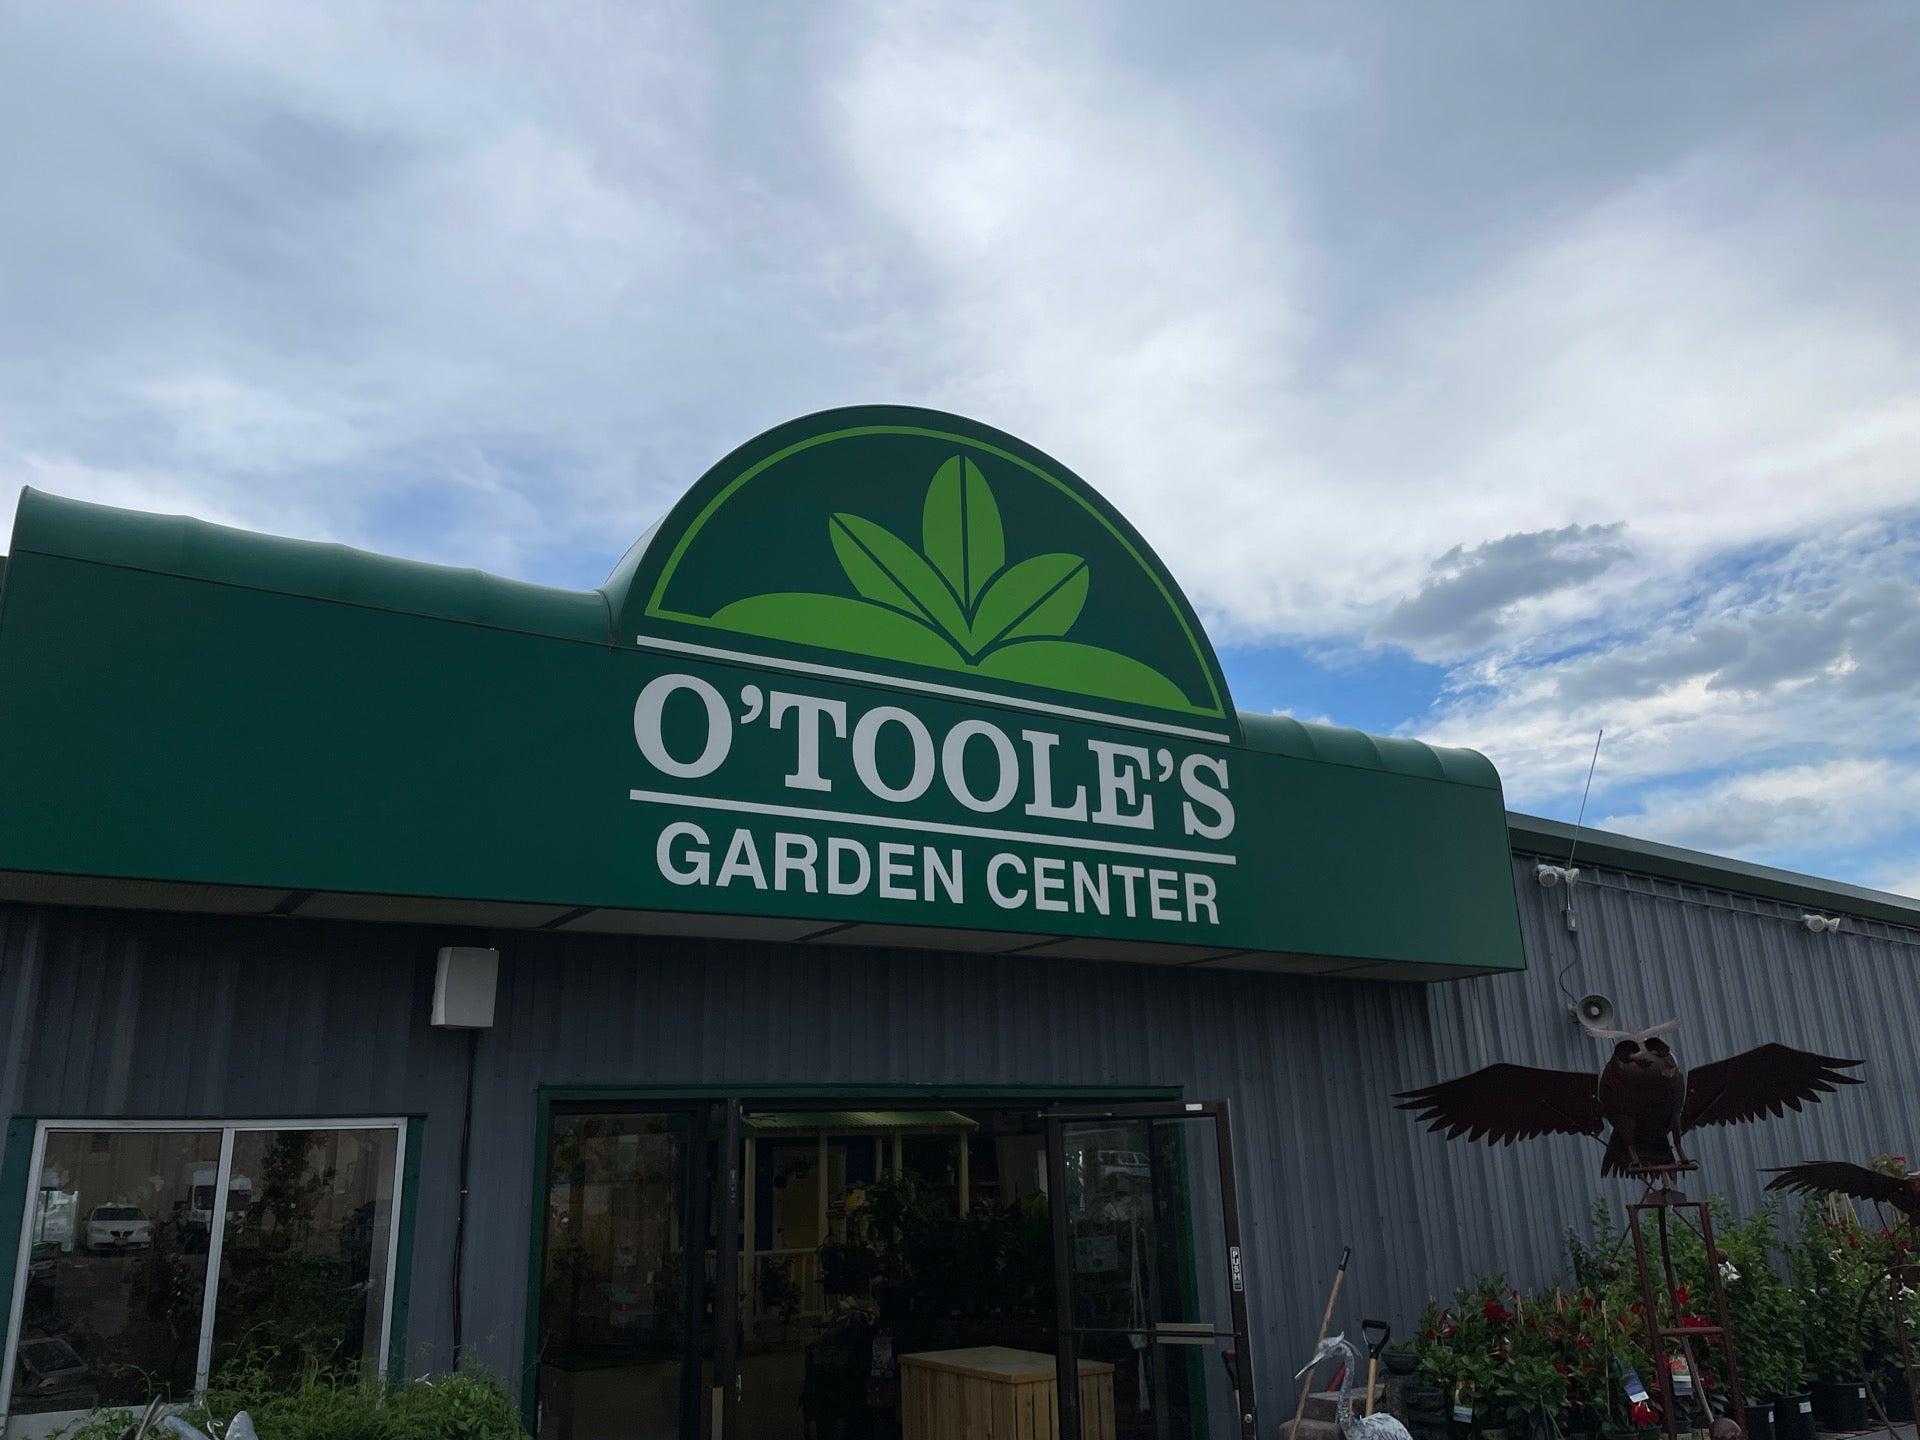 Checked in at O'Toole's Garden Center